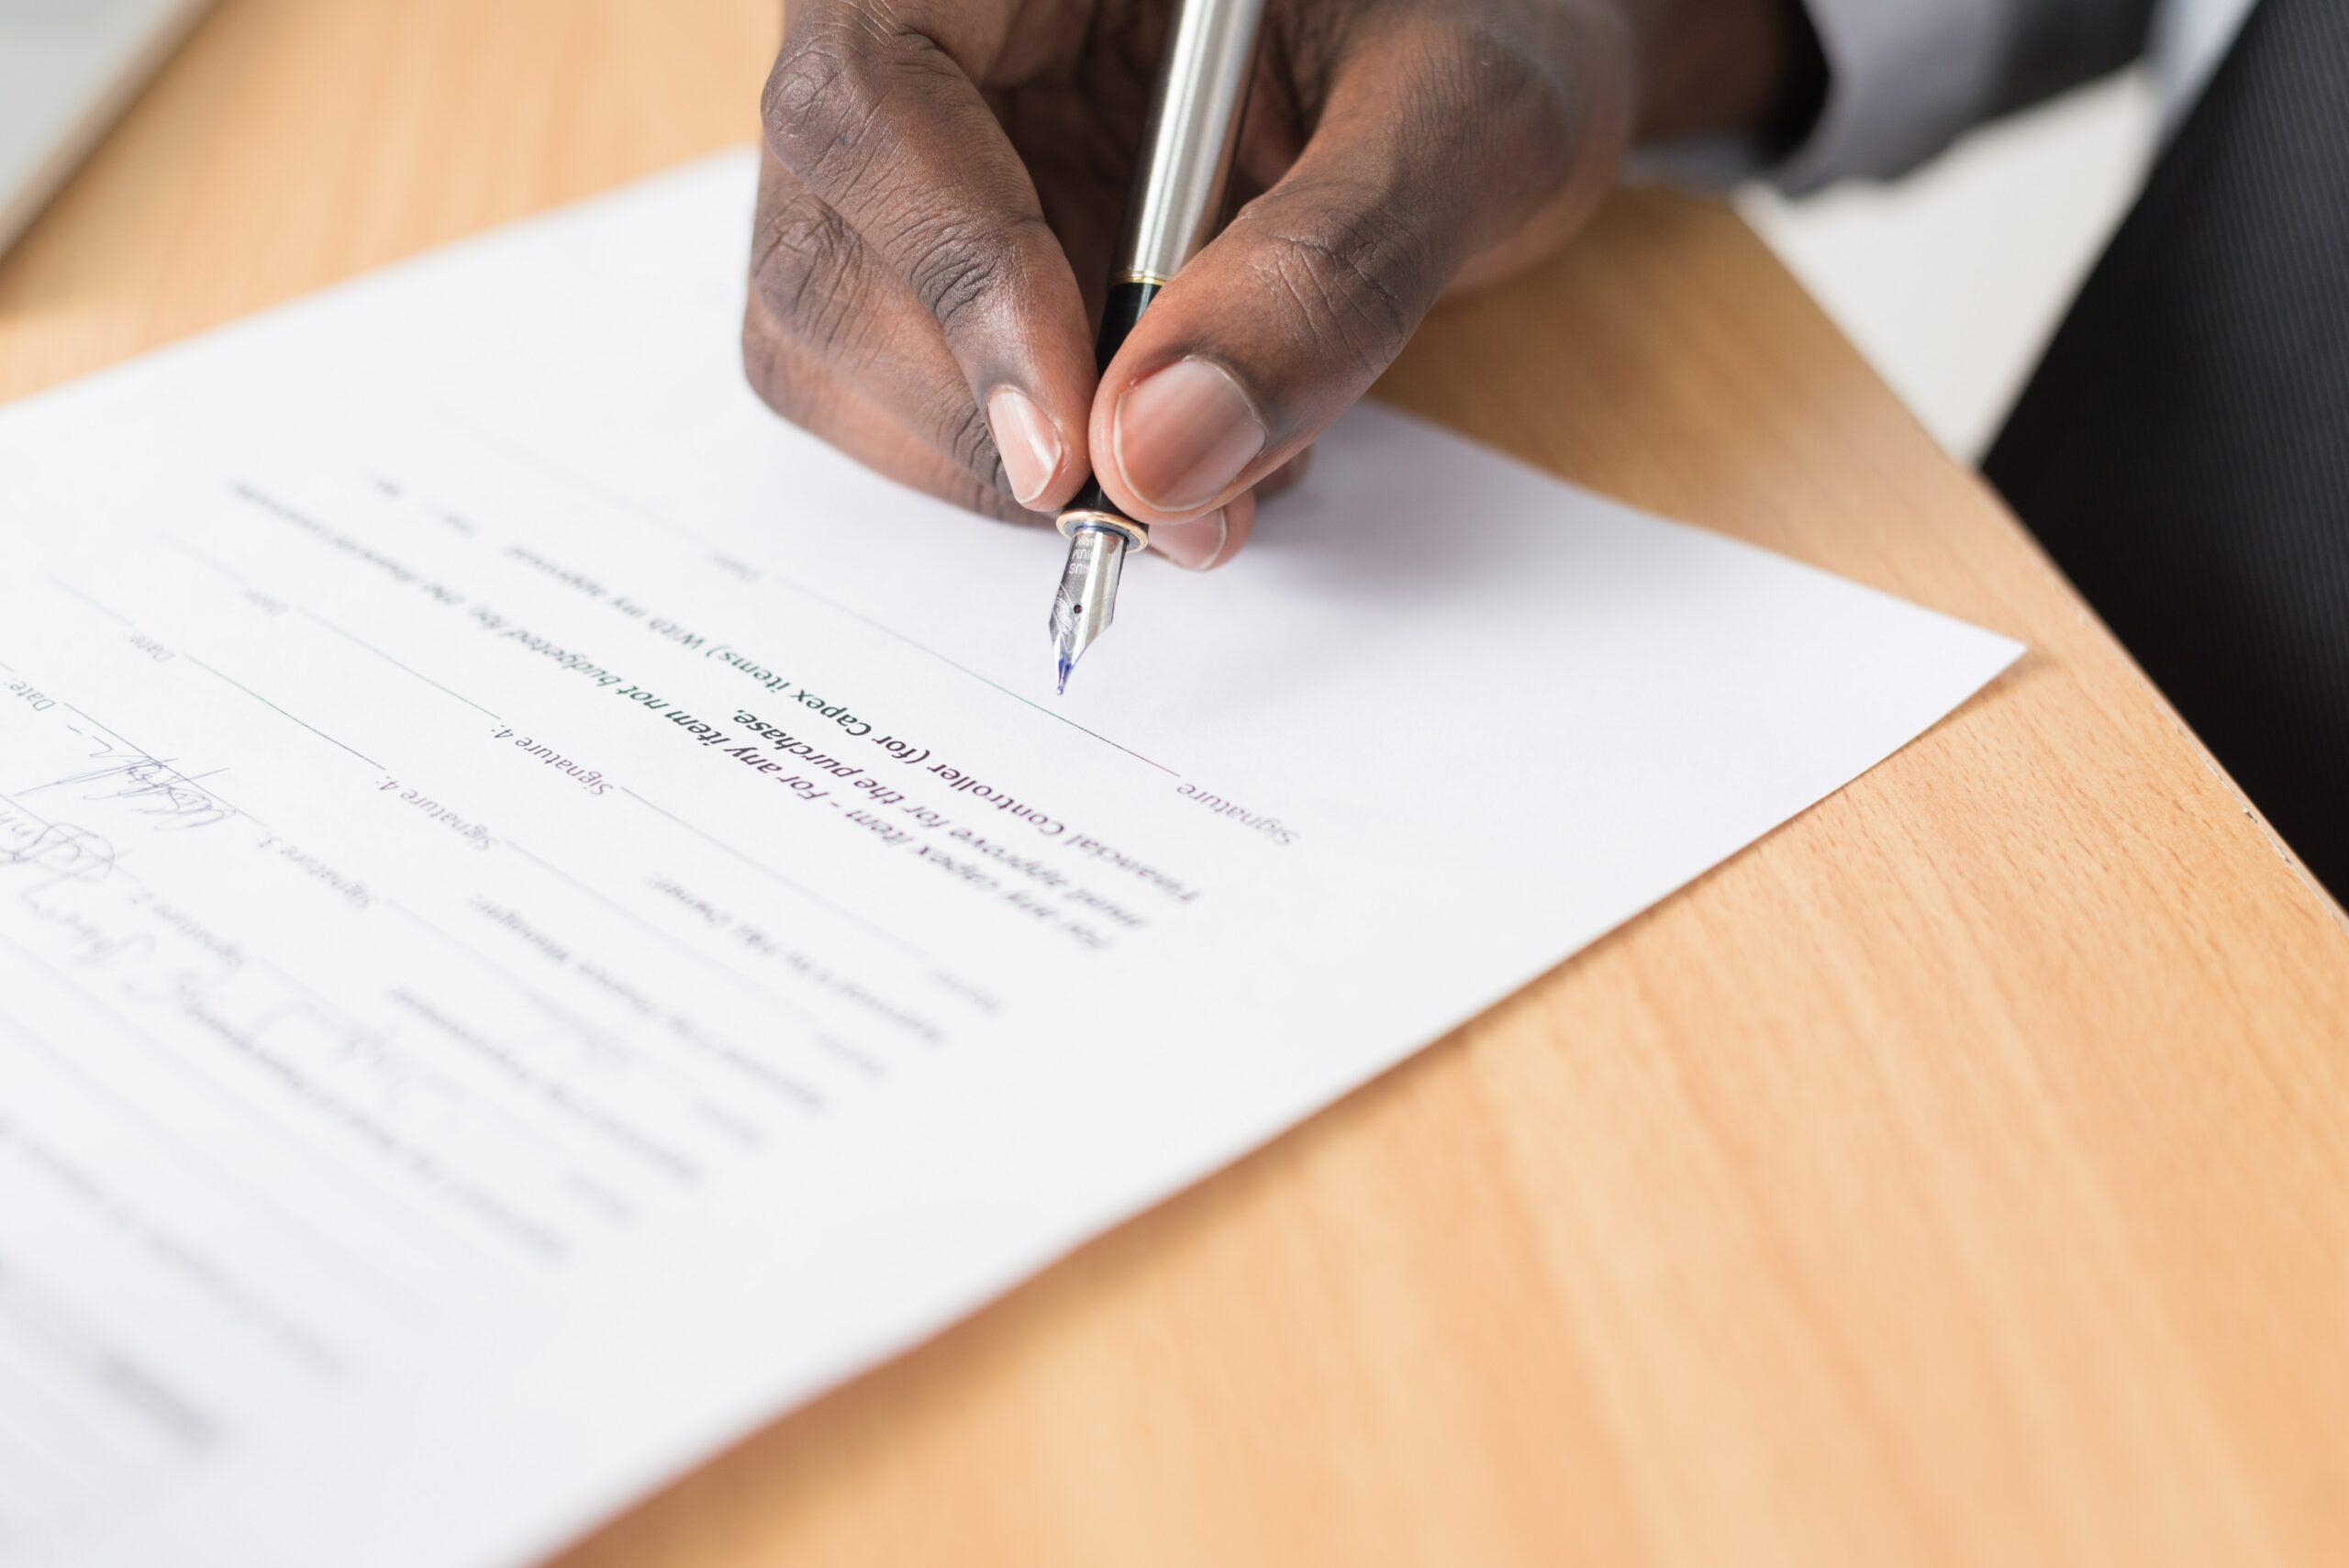 Verträge über 12 statt 24 Monate: Bundestag beschließt Gesetz für kürzere Laufzeiten